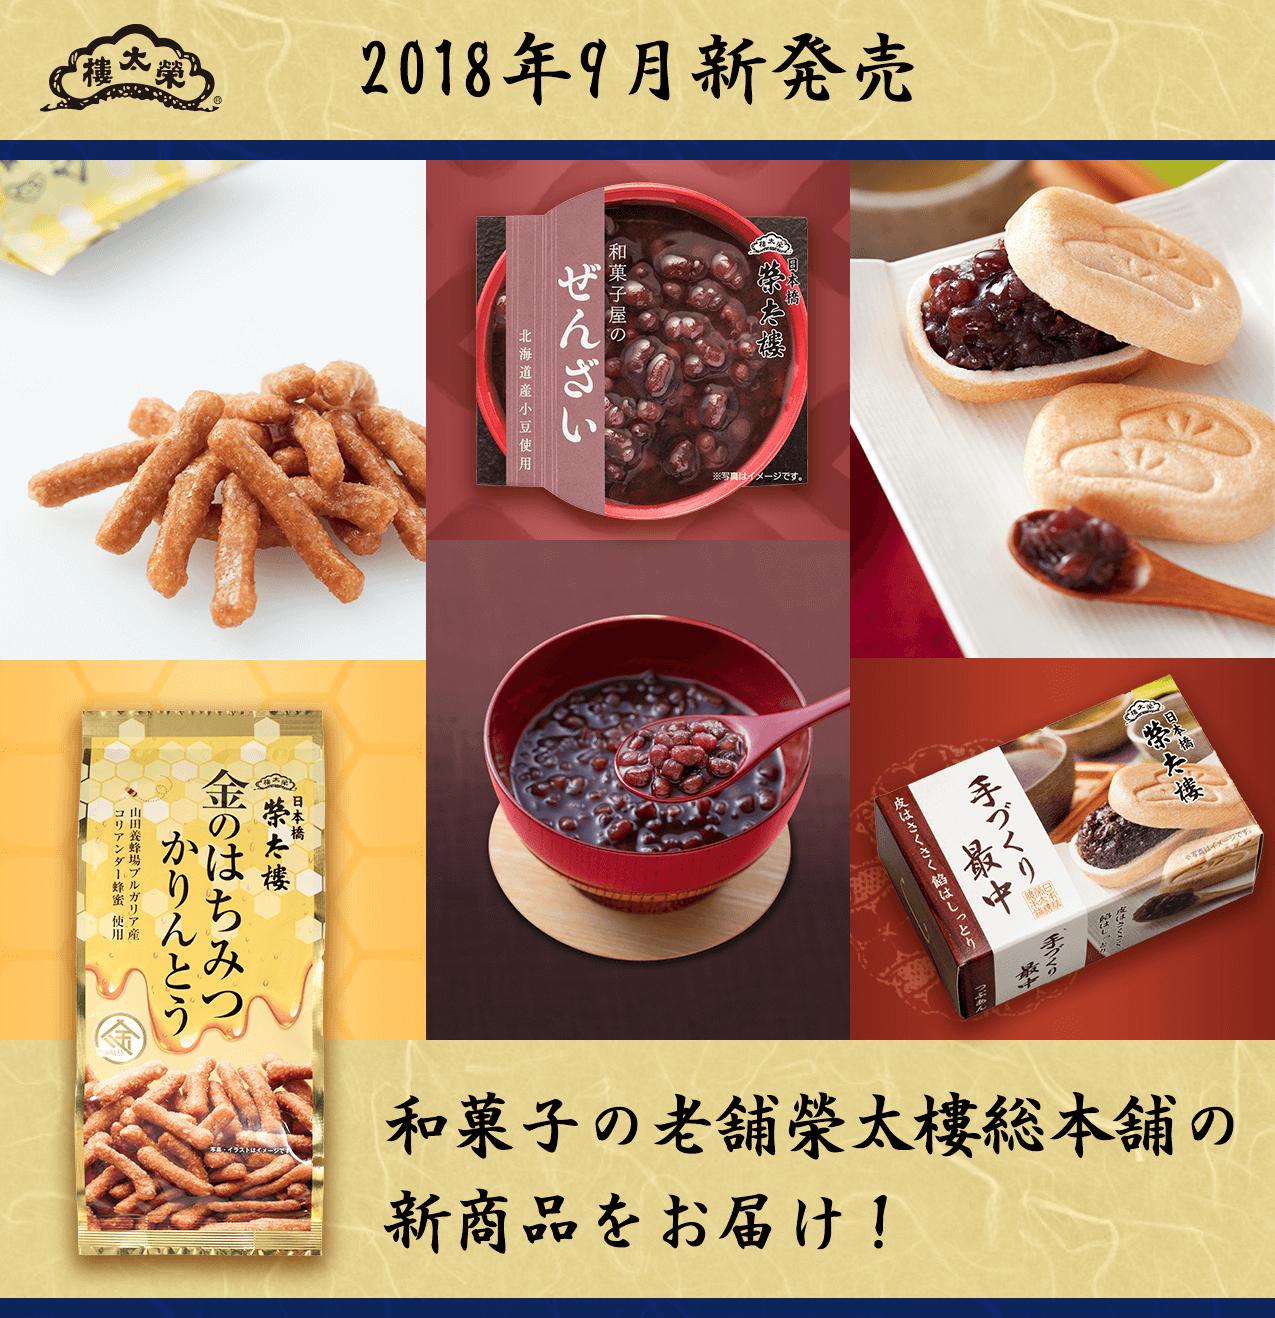 2018年9月新発売 和菓子の老舗榮太樓総本舗の 新商品をお届け!